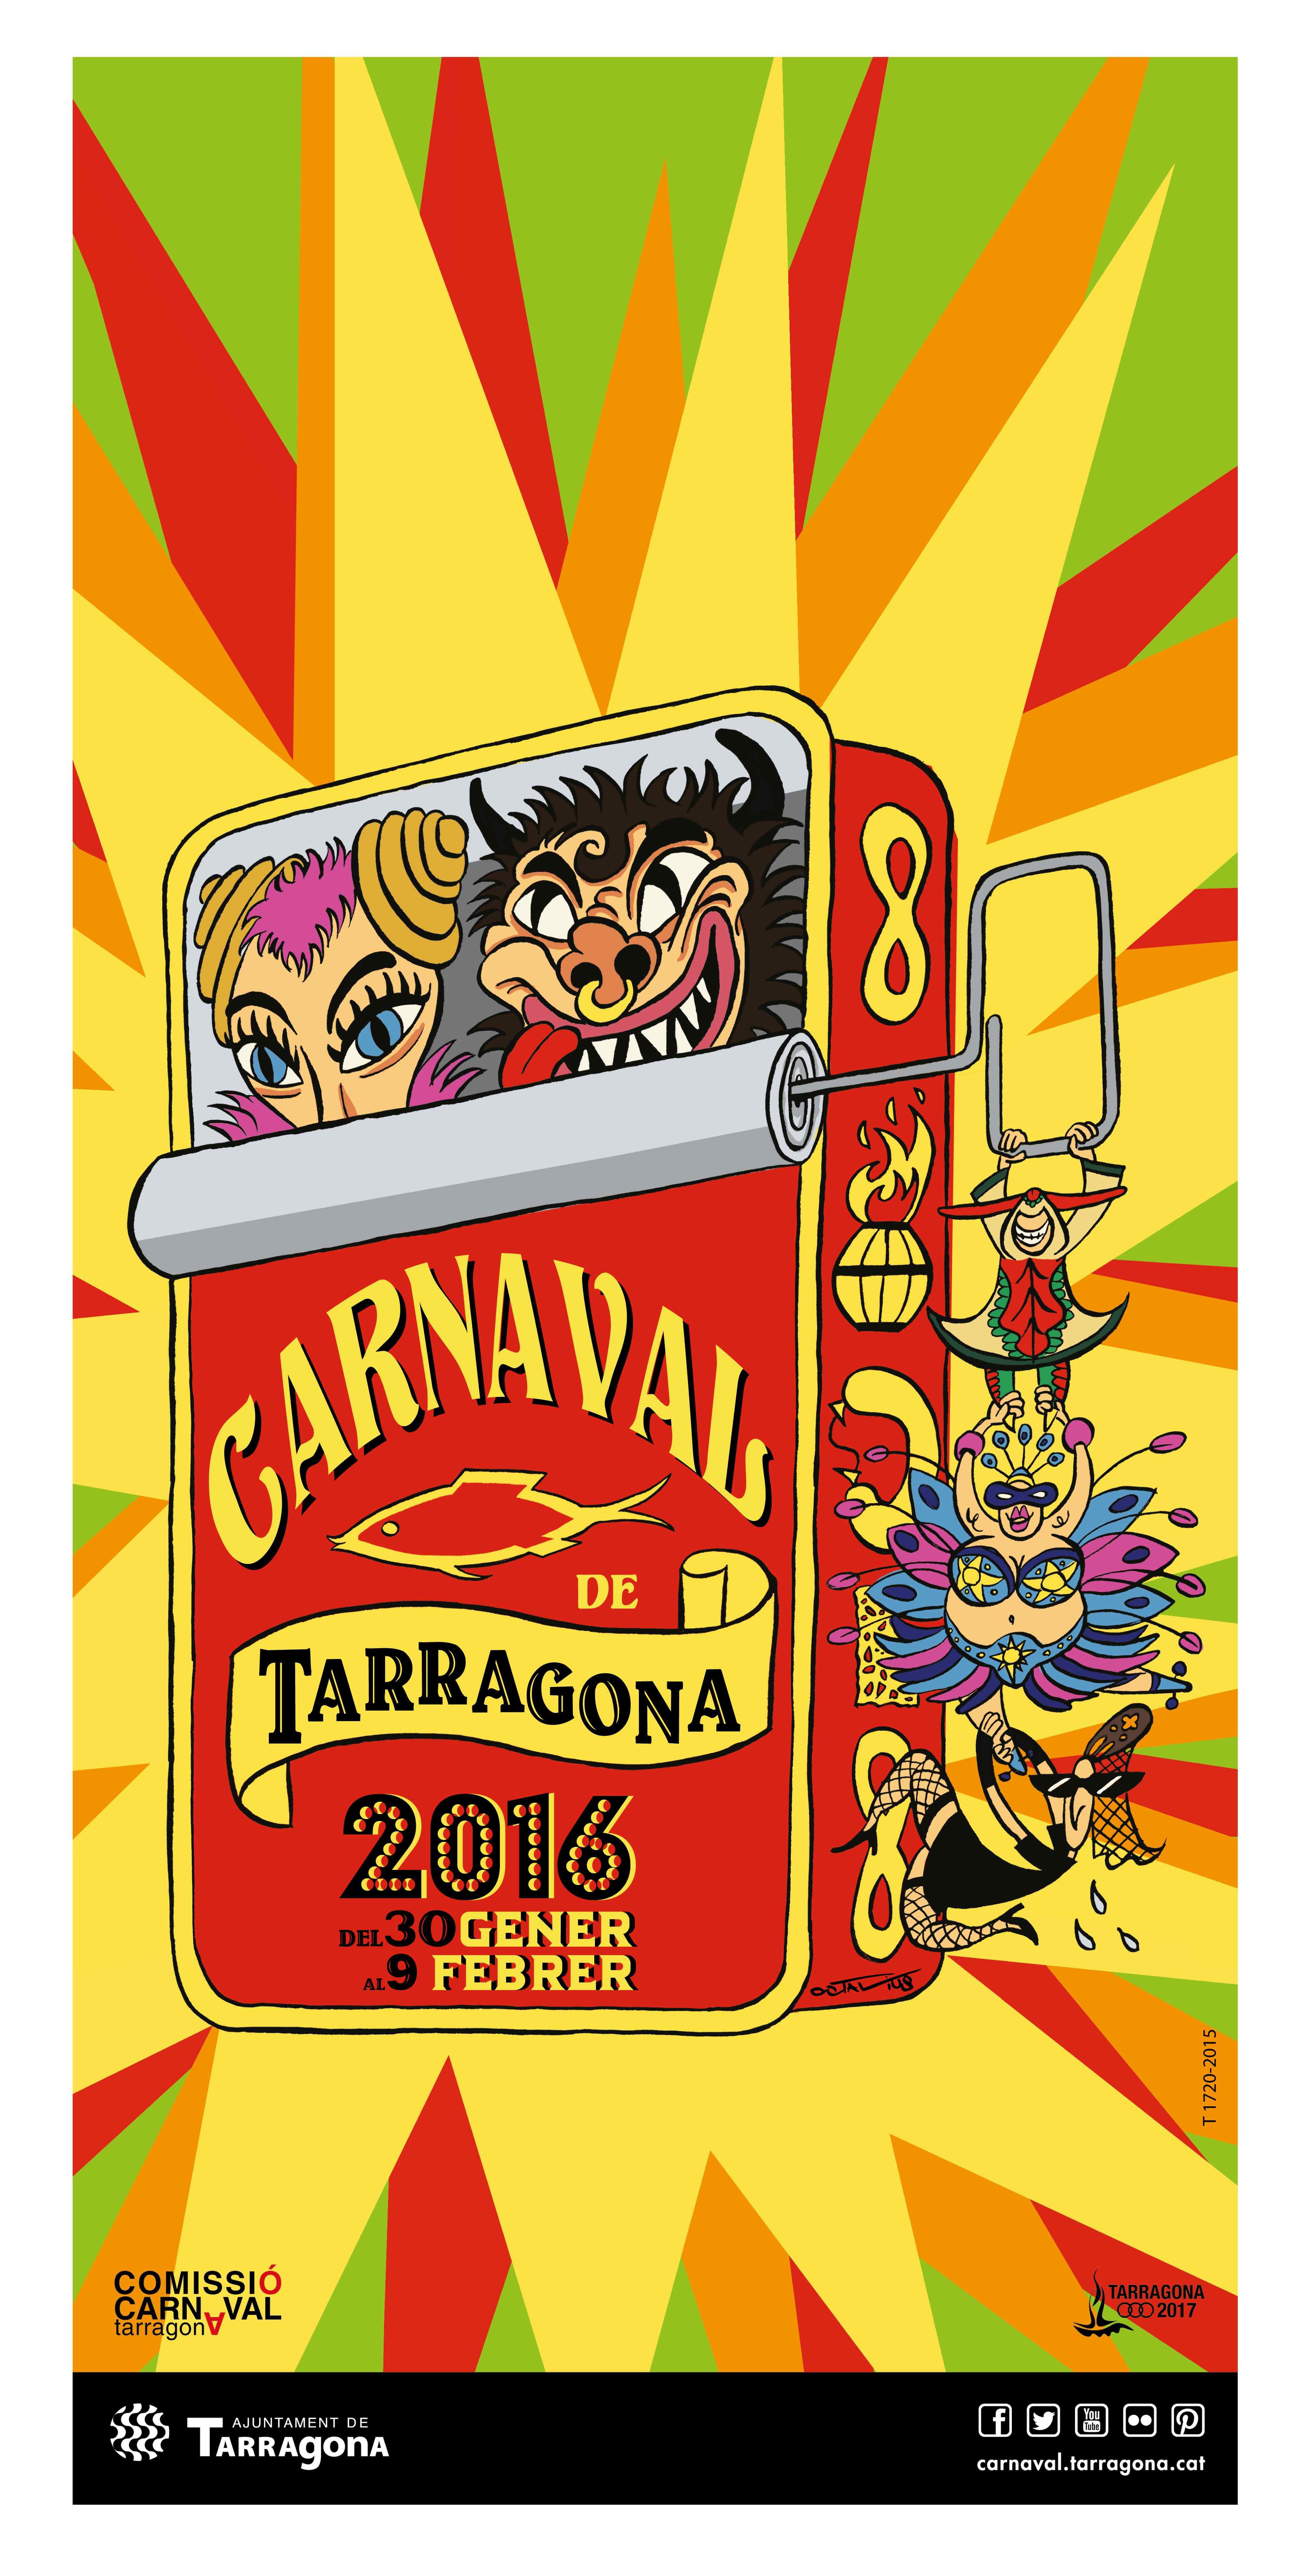 Cartell de Carnaval 2016